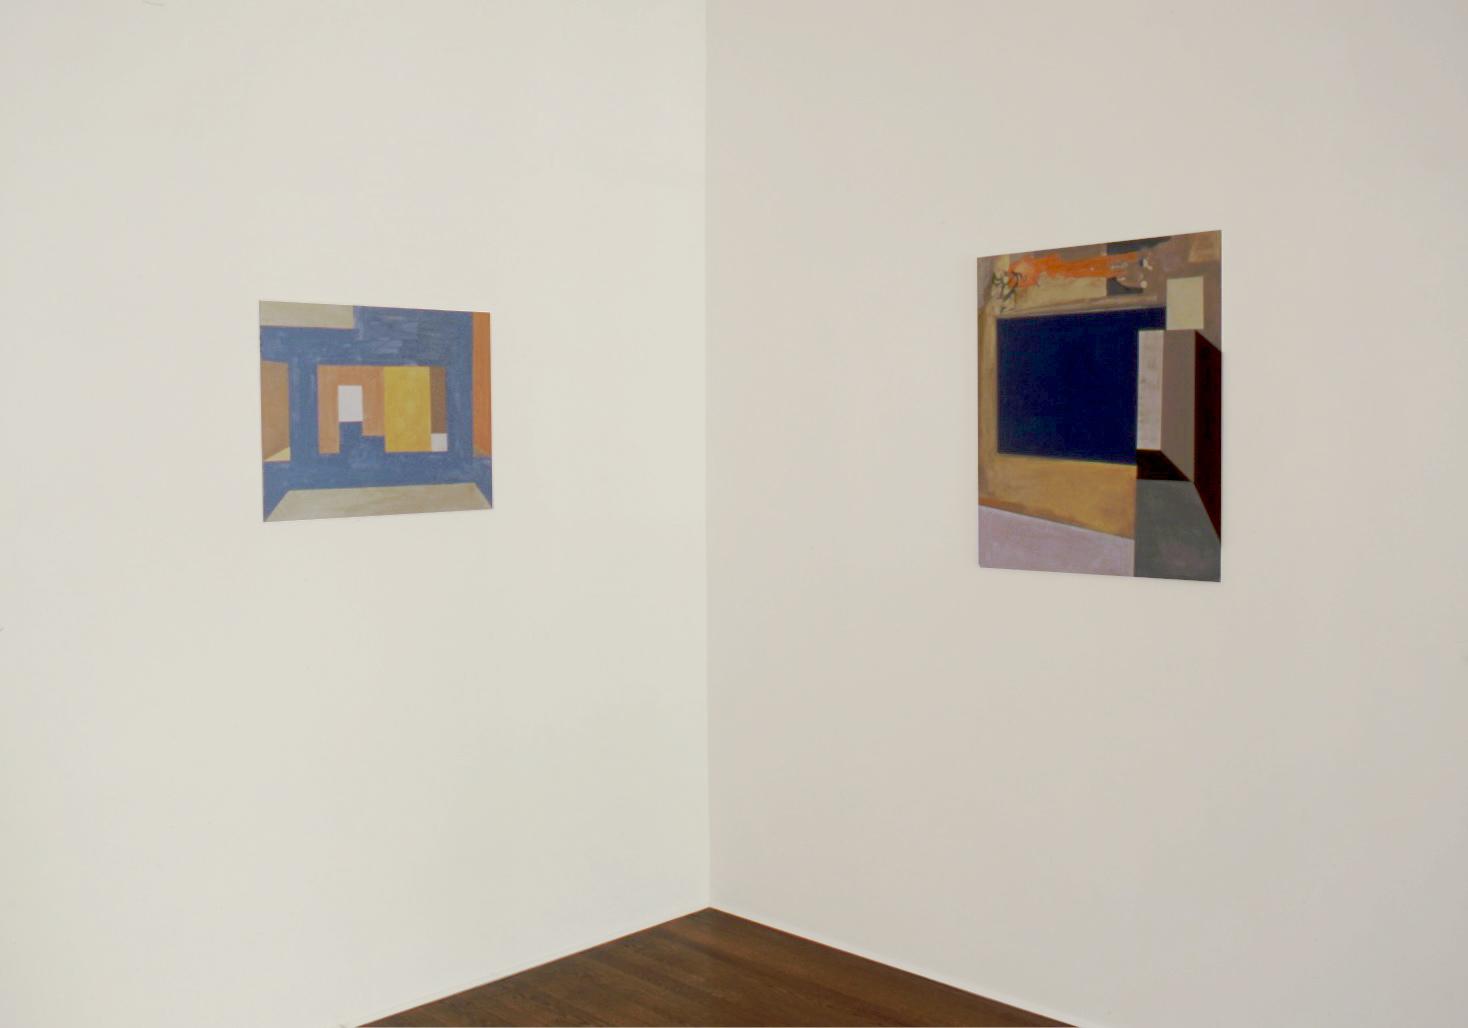 Ernst Caramelle at Lawrence Markey 2000 4.jpeg